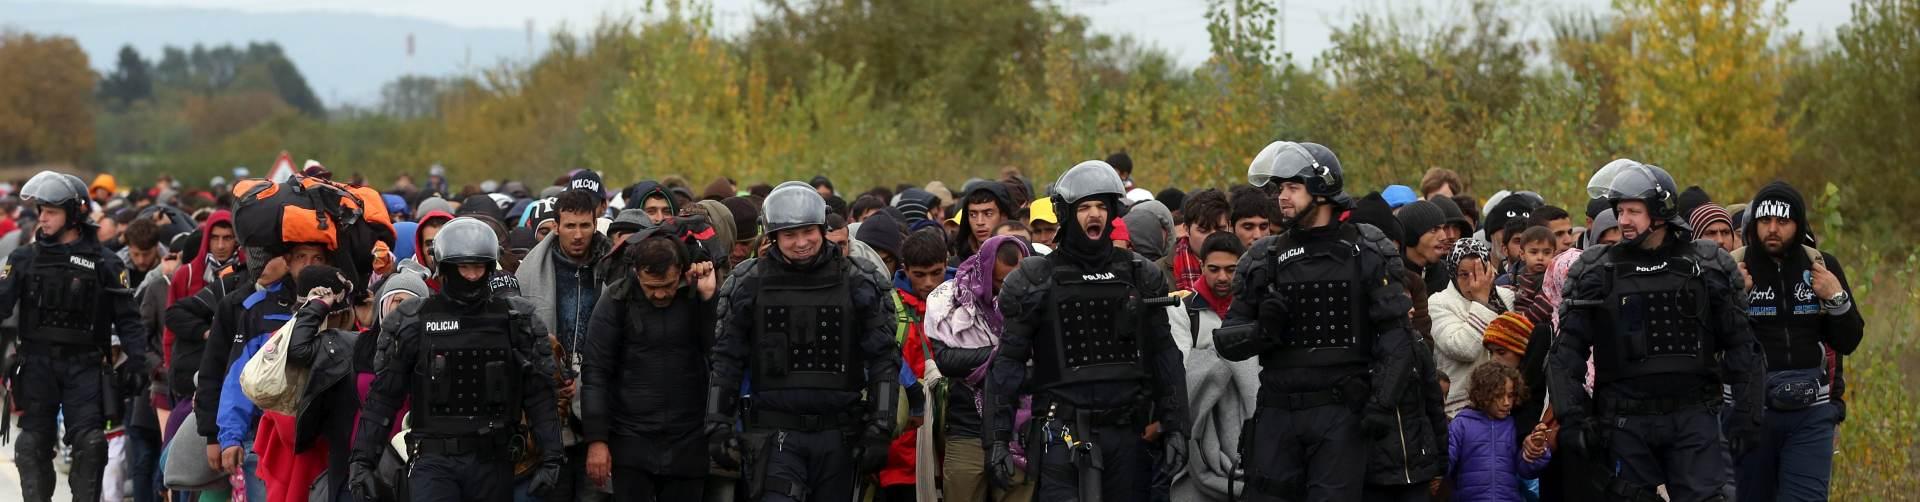 UŽIVO IZBJEGLIČKA KRIZA: Austrija otvorila granicu, ušlo oko 6000 migranata